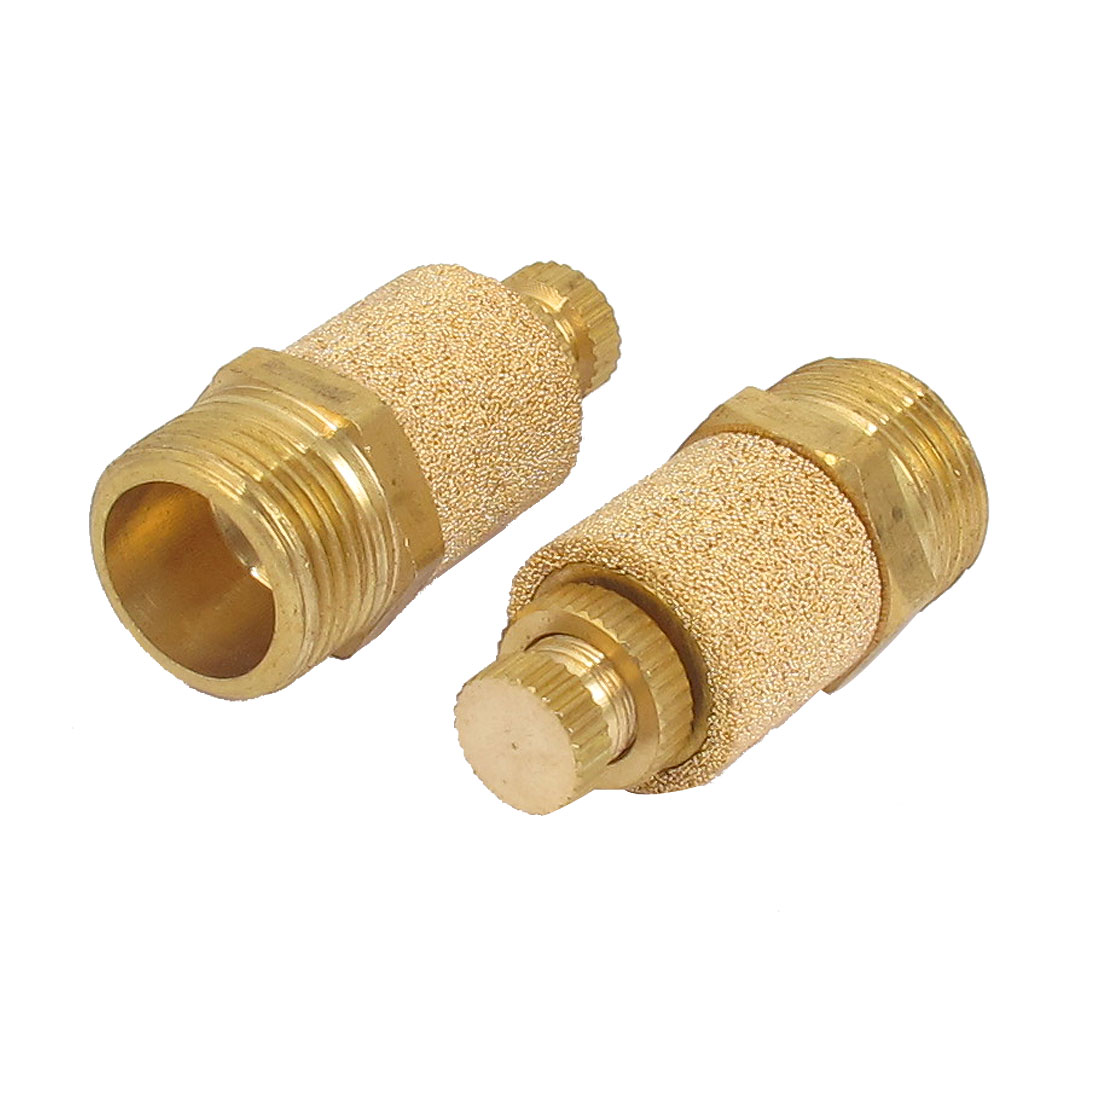 3/8BSP Thread Brass Adjustable Pneumatic Air Muffler Silencer Noise Exhaust 2pcs